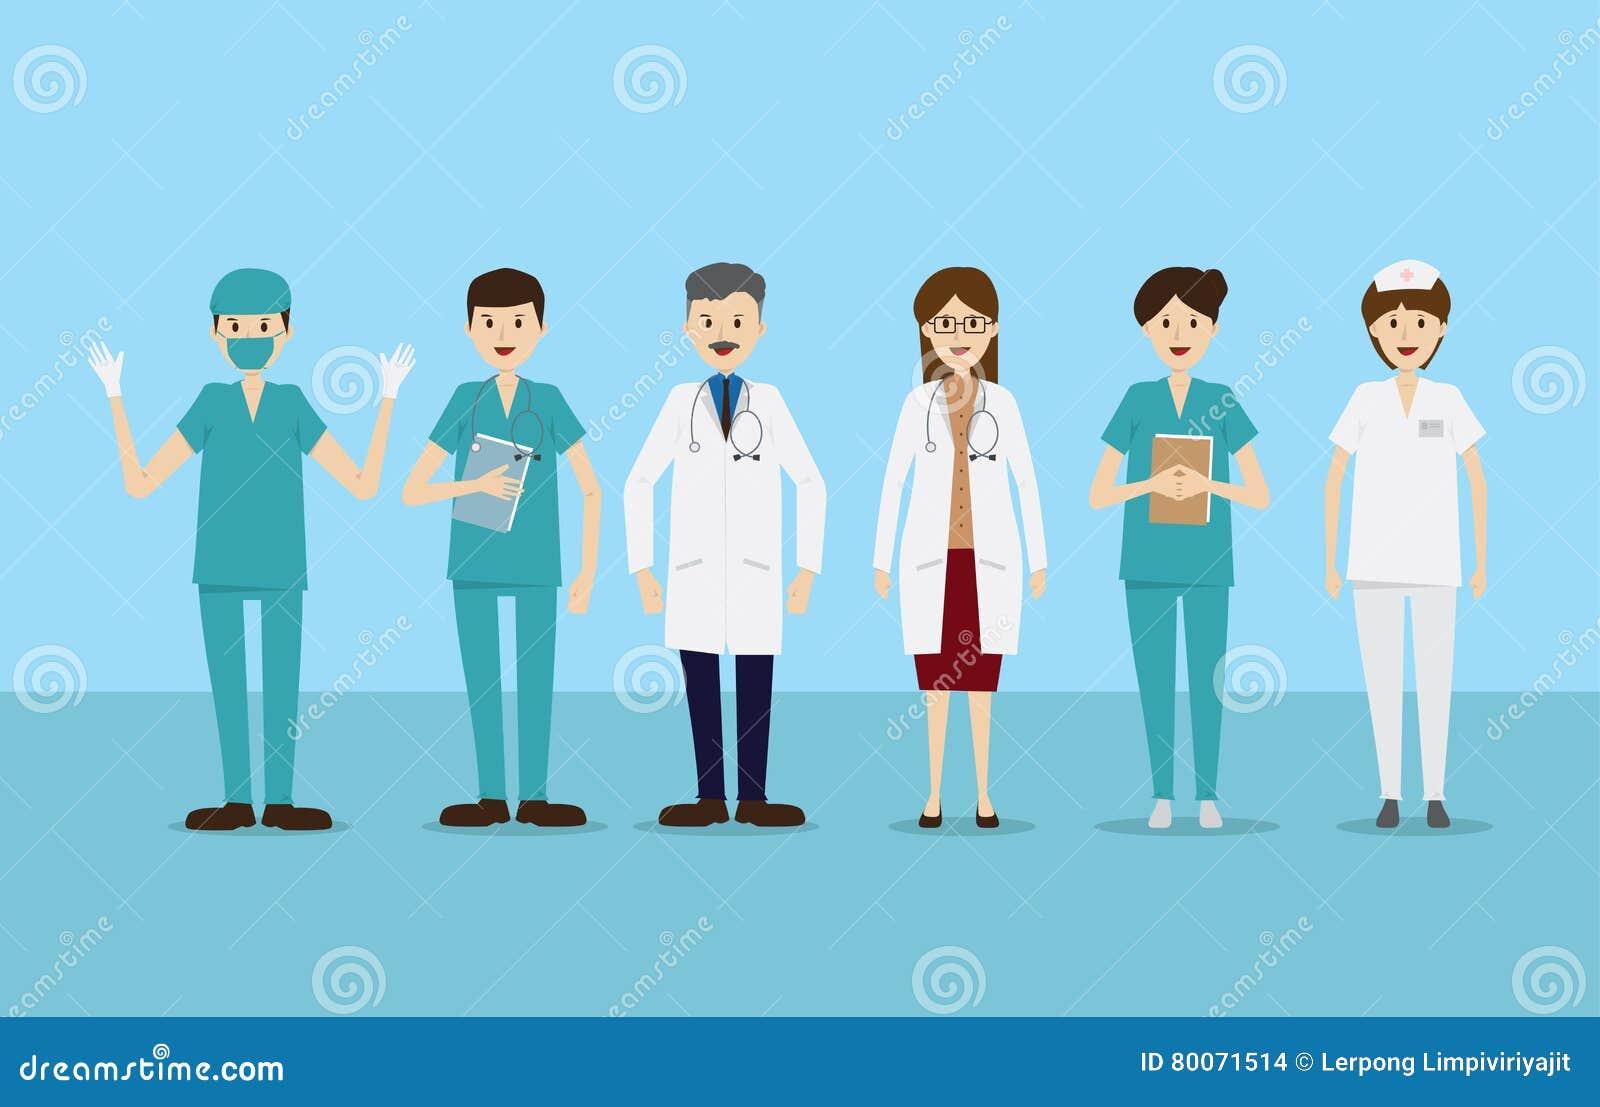 小组医治护士职员医疗队